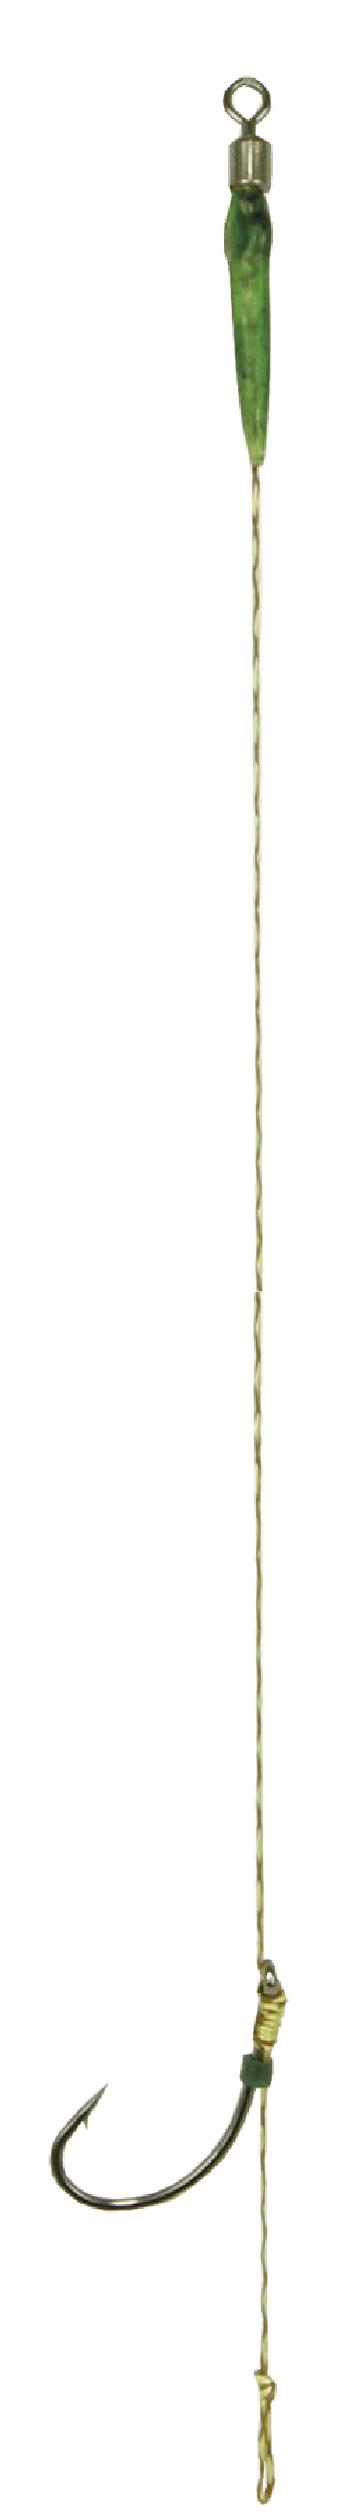 Boilie Elõke 6-os méret /Blowout rig